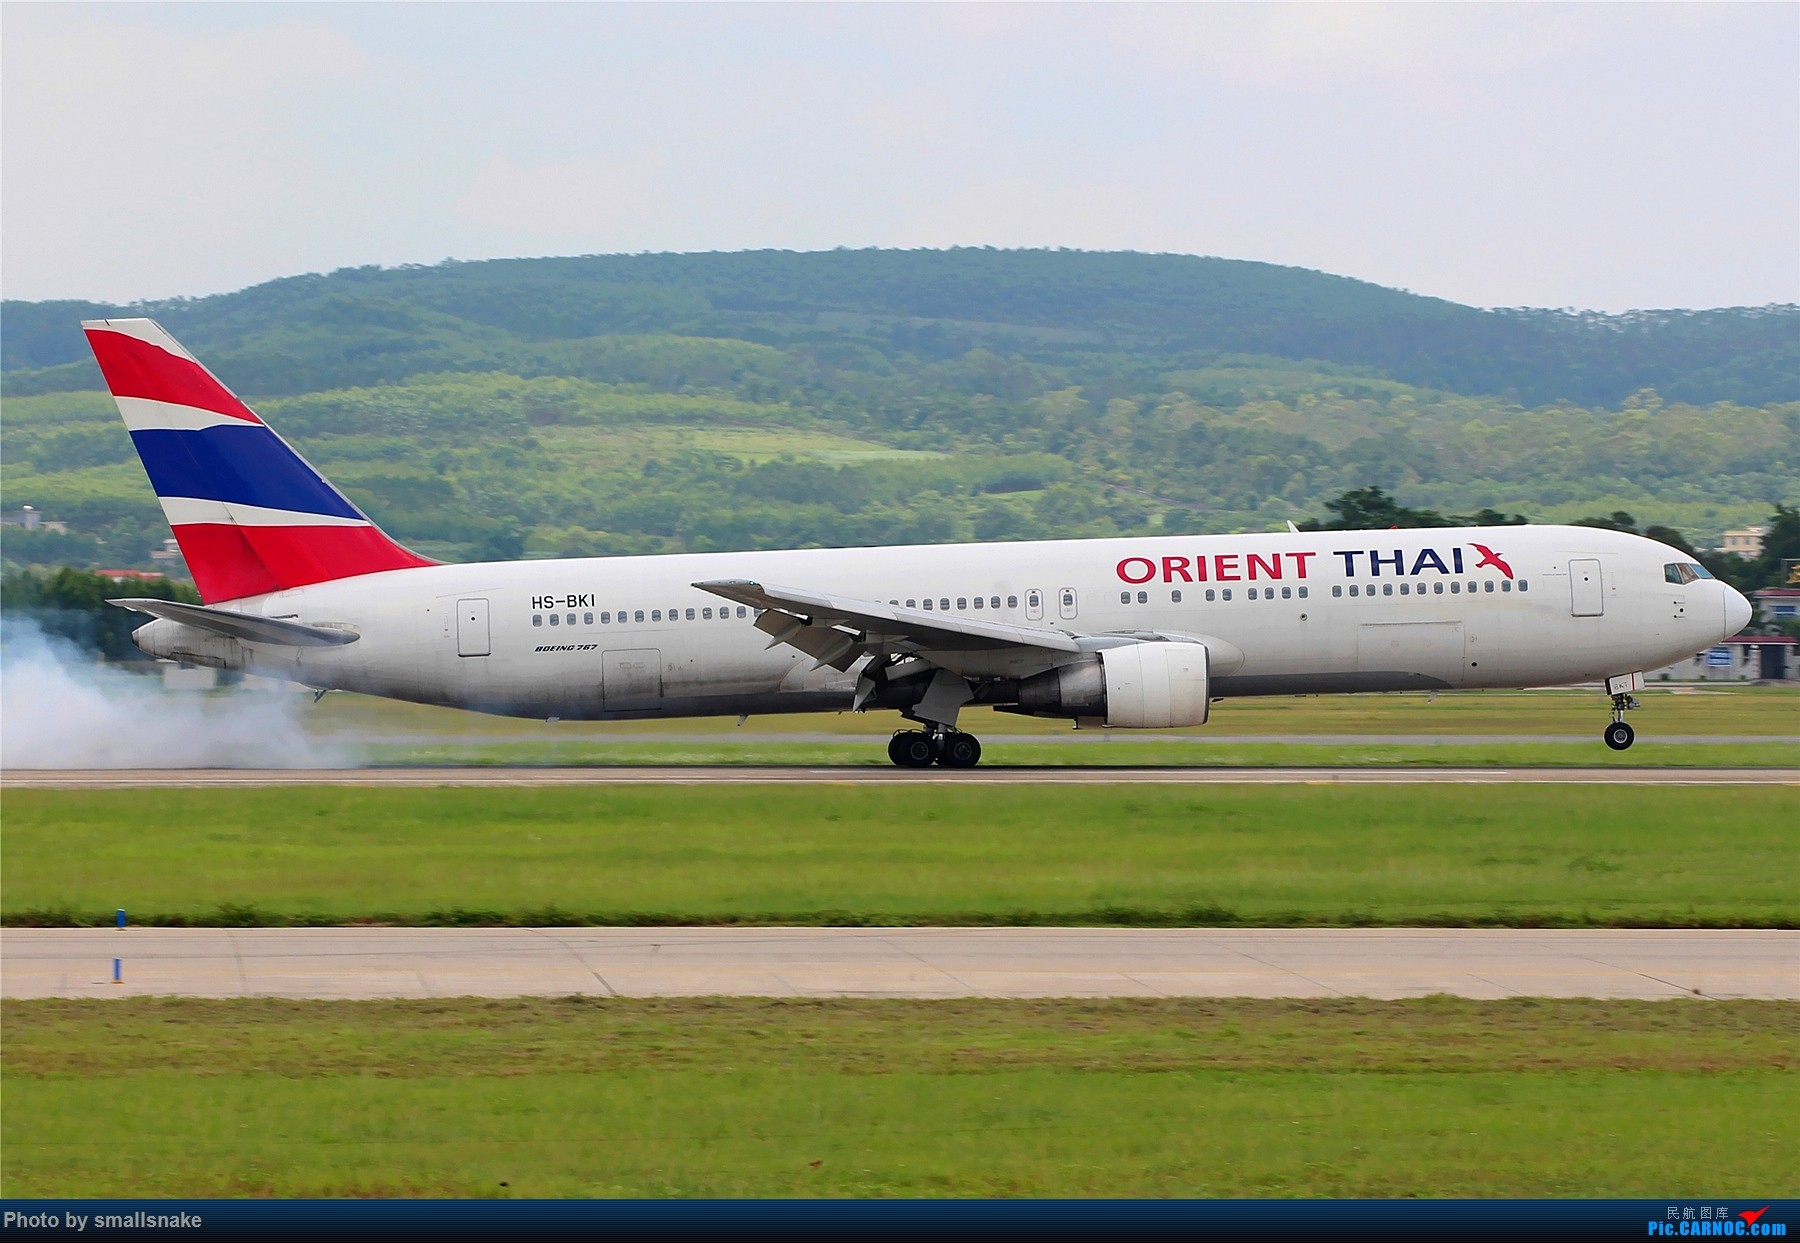 Re:[原创]泰国东方航空B767一组... 767 HS-BKI 南宁吴圩国际机场